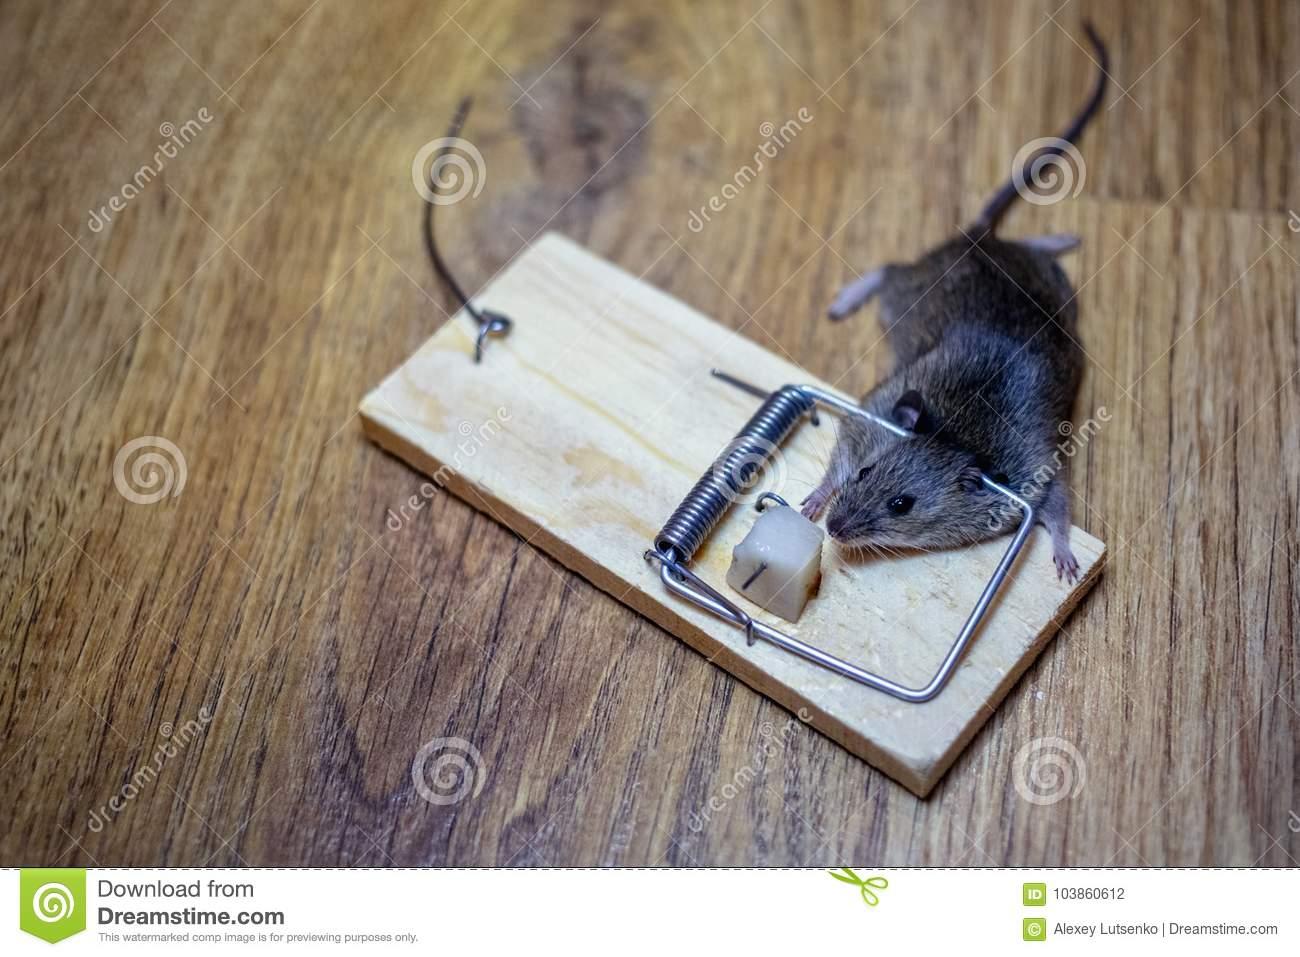 мертвая-мышь-в-мышеловке-на-поле-103860612.jpg